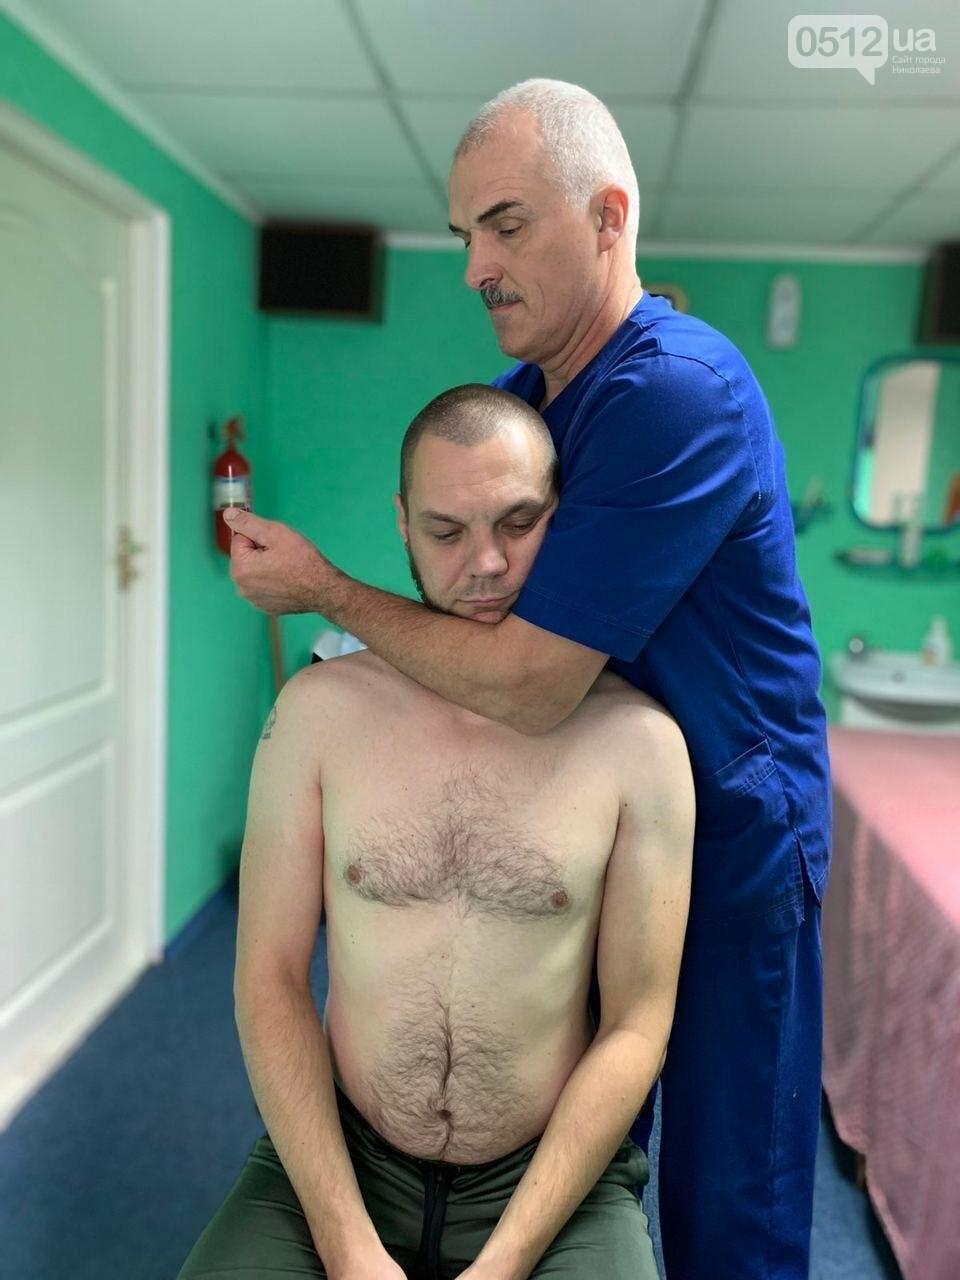 Забудьте о болях в спине: качественные услуги мануального терапевта в Николаеве, фото-6